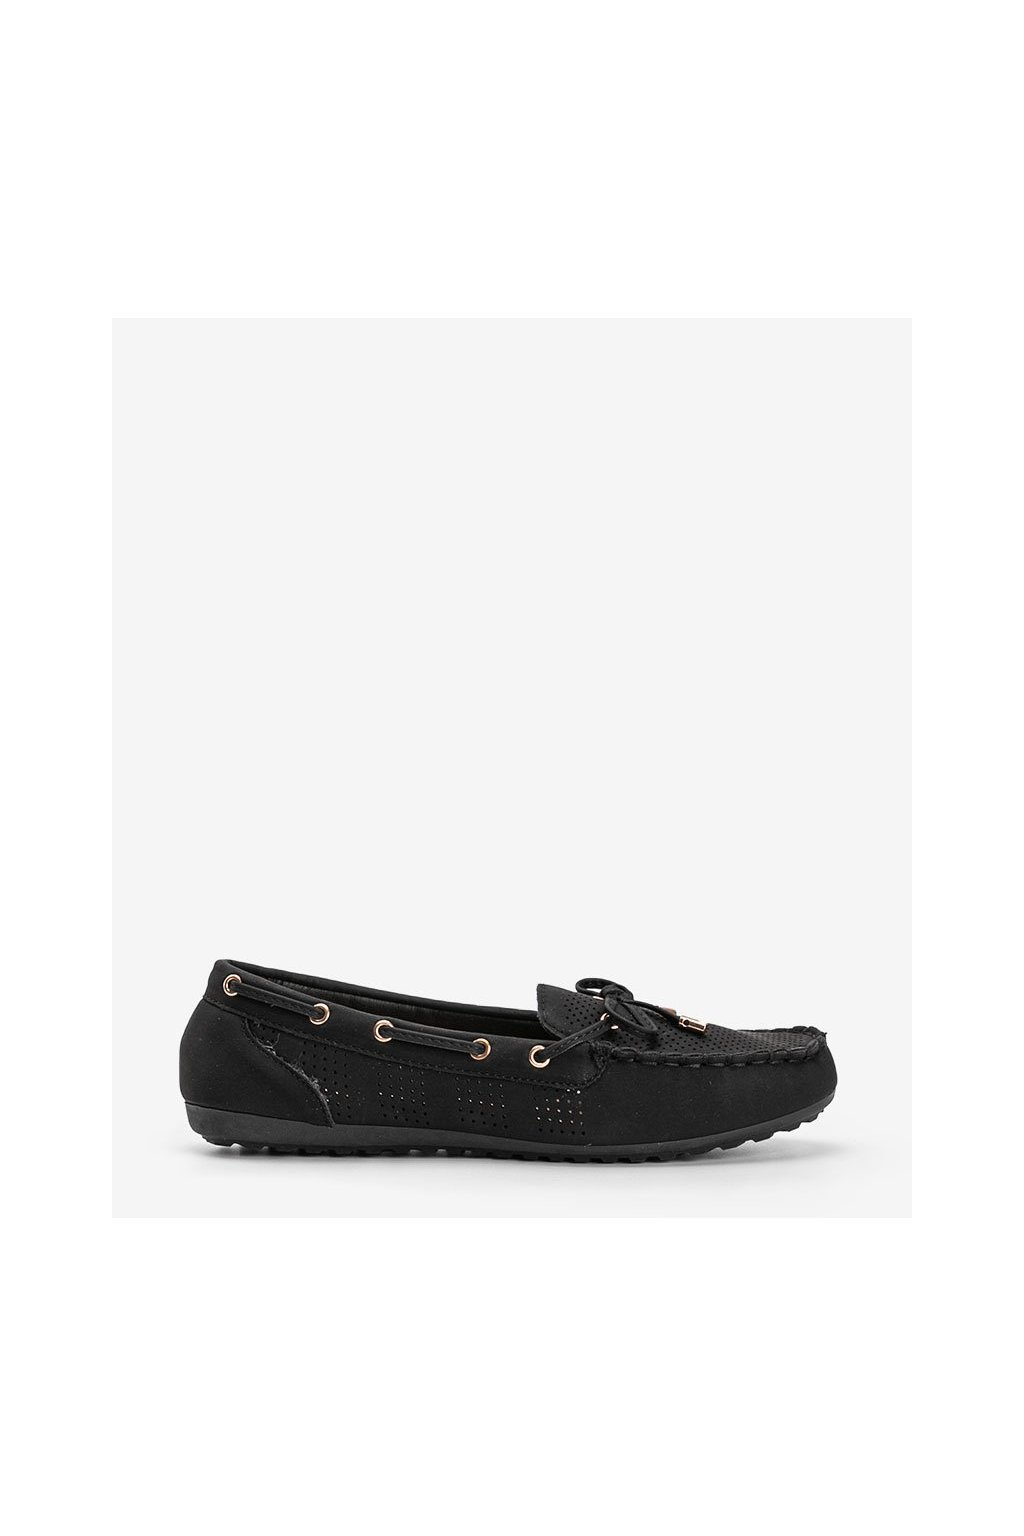 Dámske topánky mokasíny čierne kód 0F216 - GM